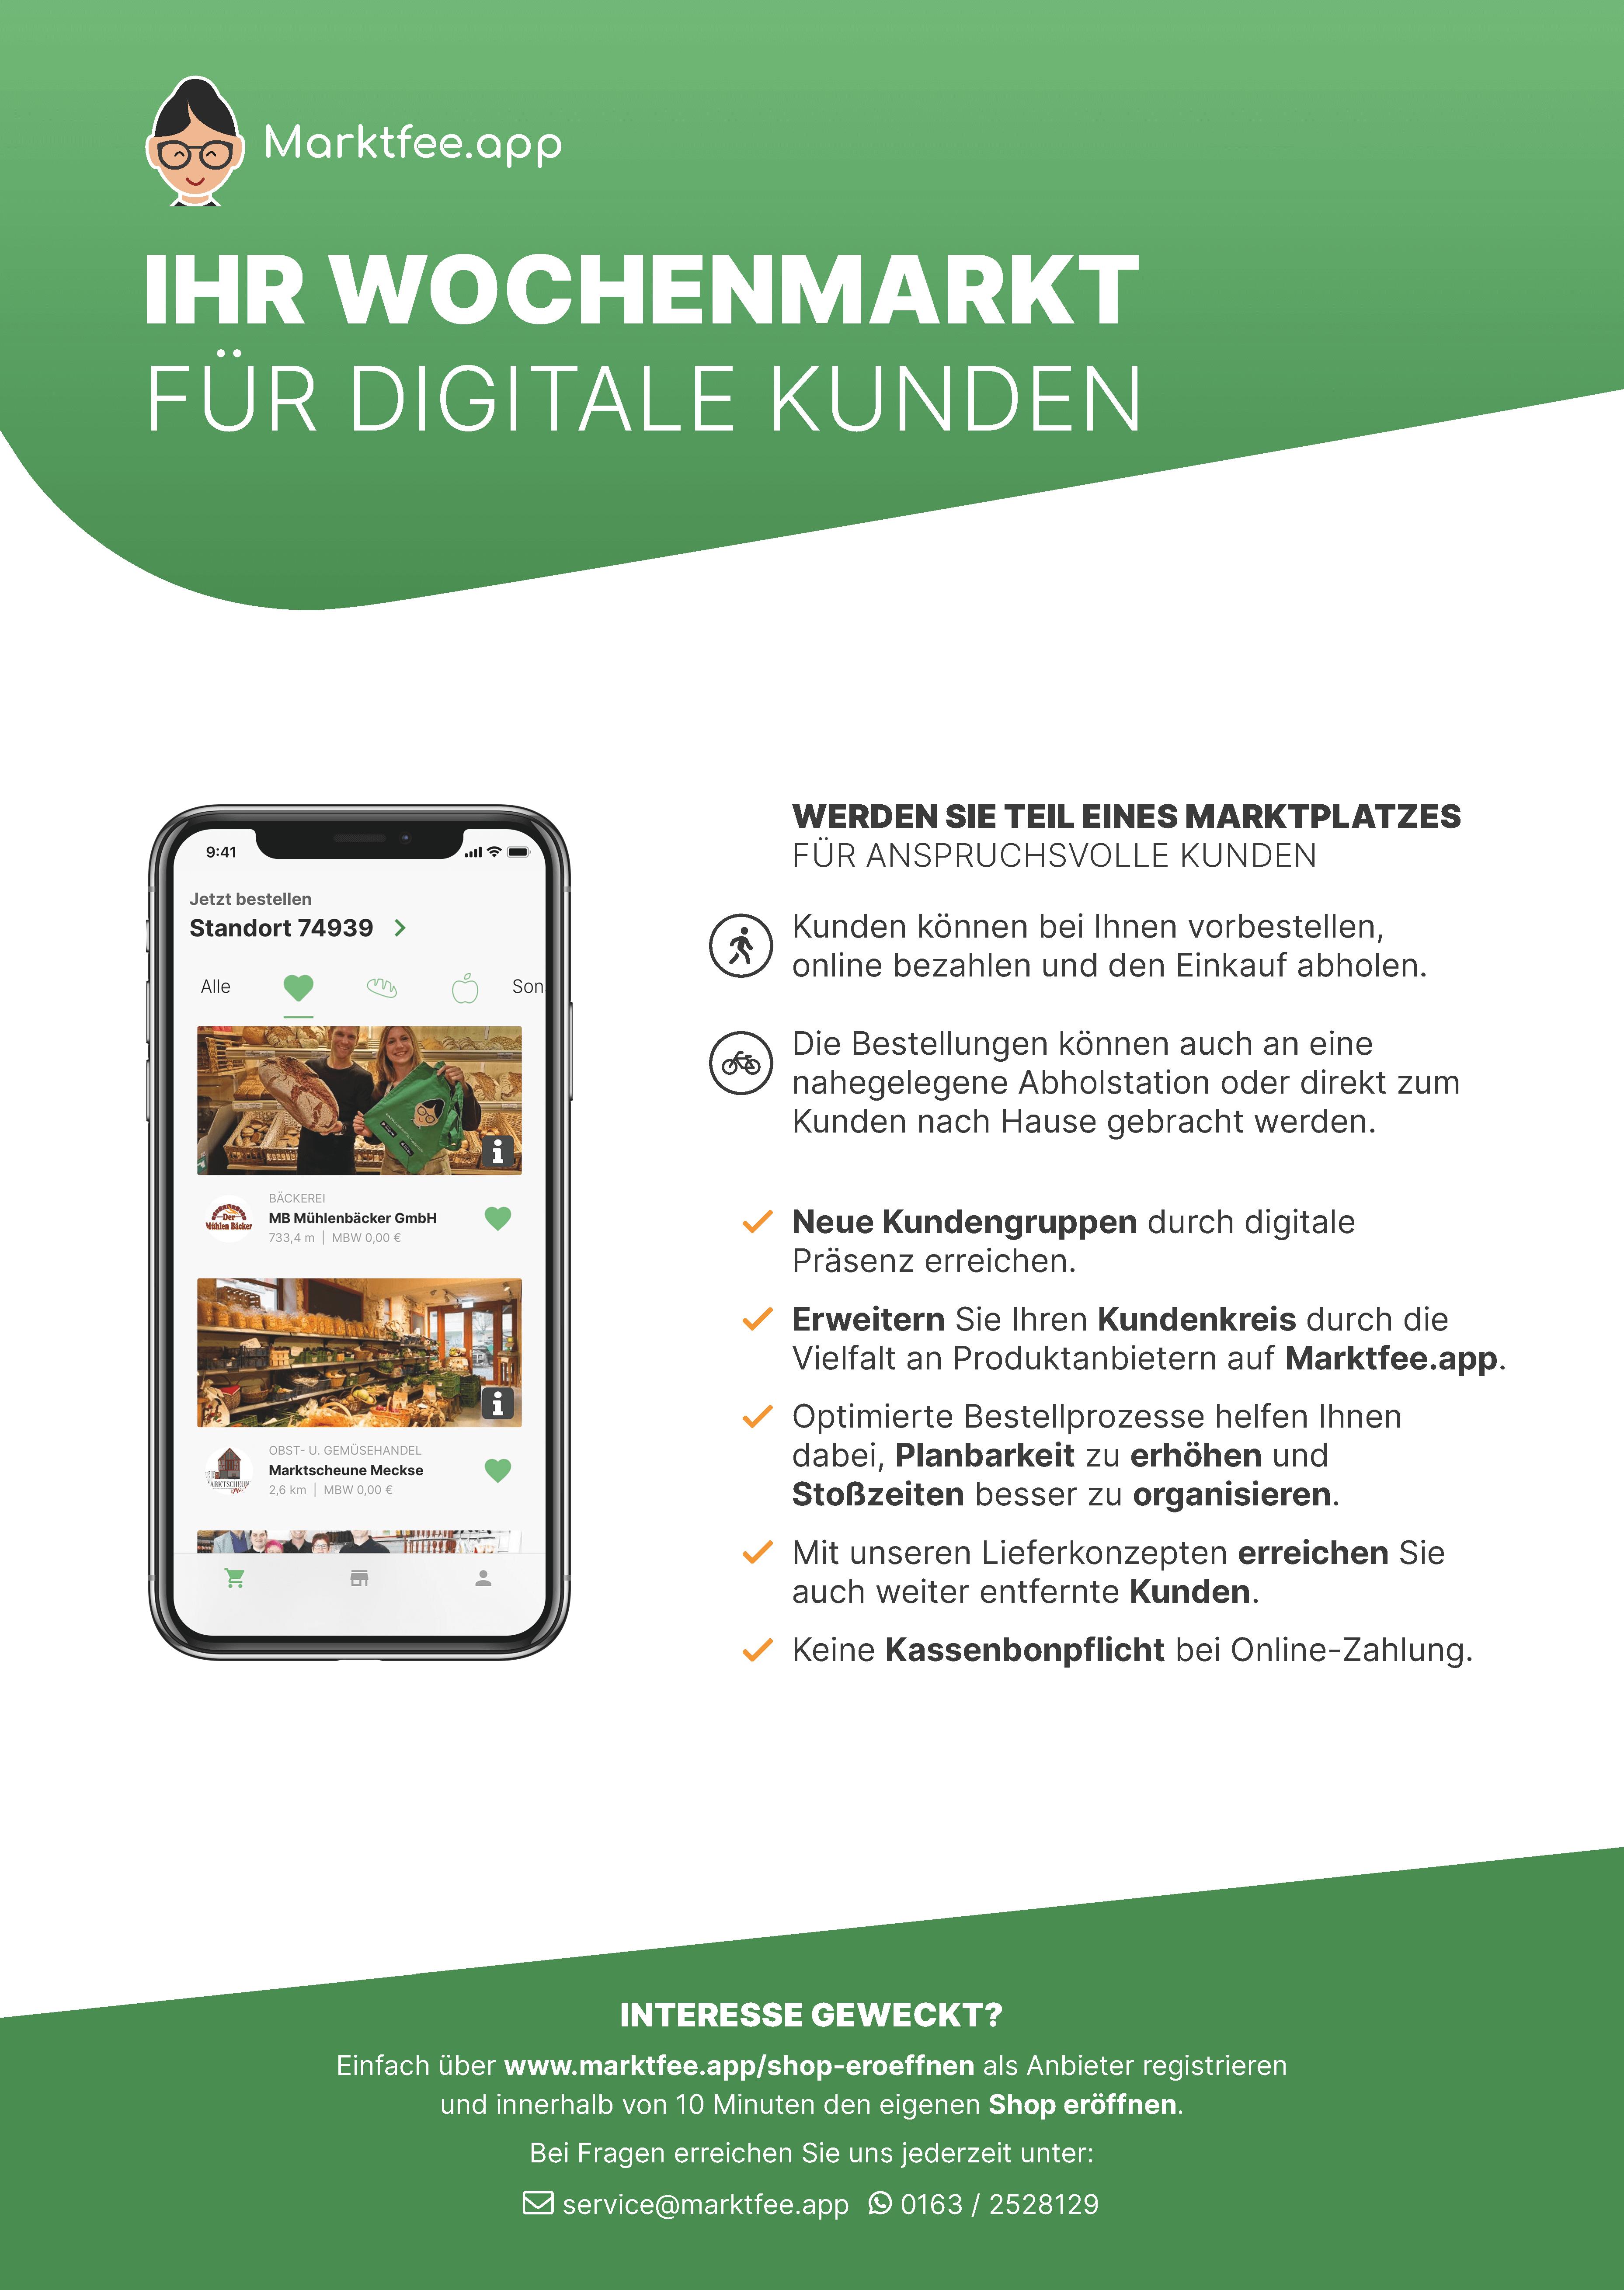 Marktfee.app Flyer A4